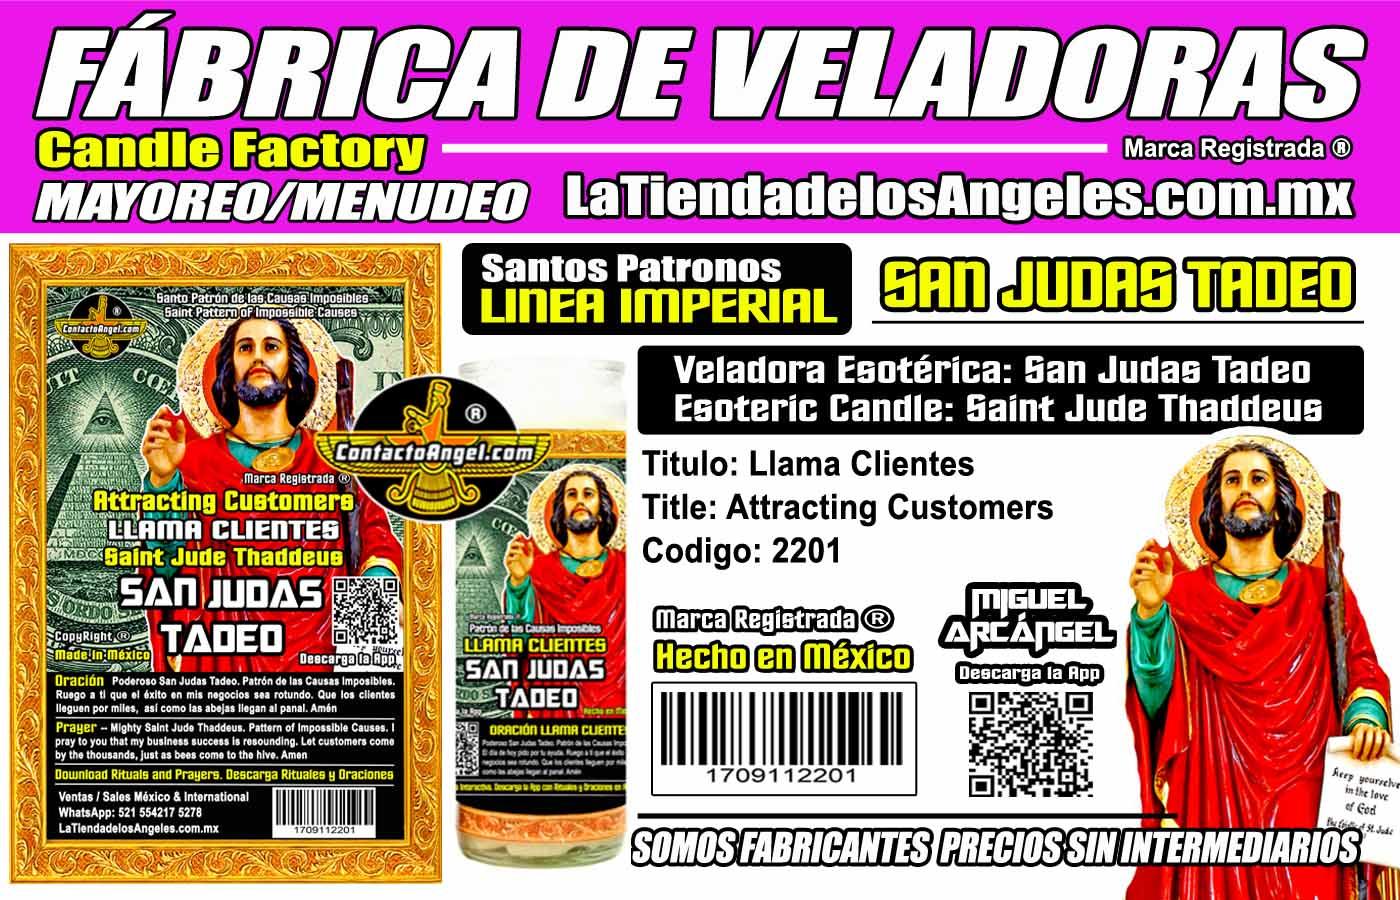 Fábrica de Veladoras Esotéricas CDMX Mayoreo - Veladora San Judas Tadeo Llama Clientes